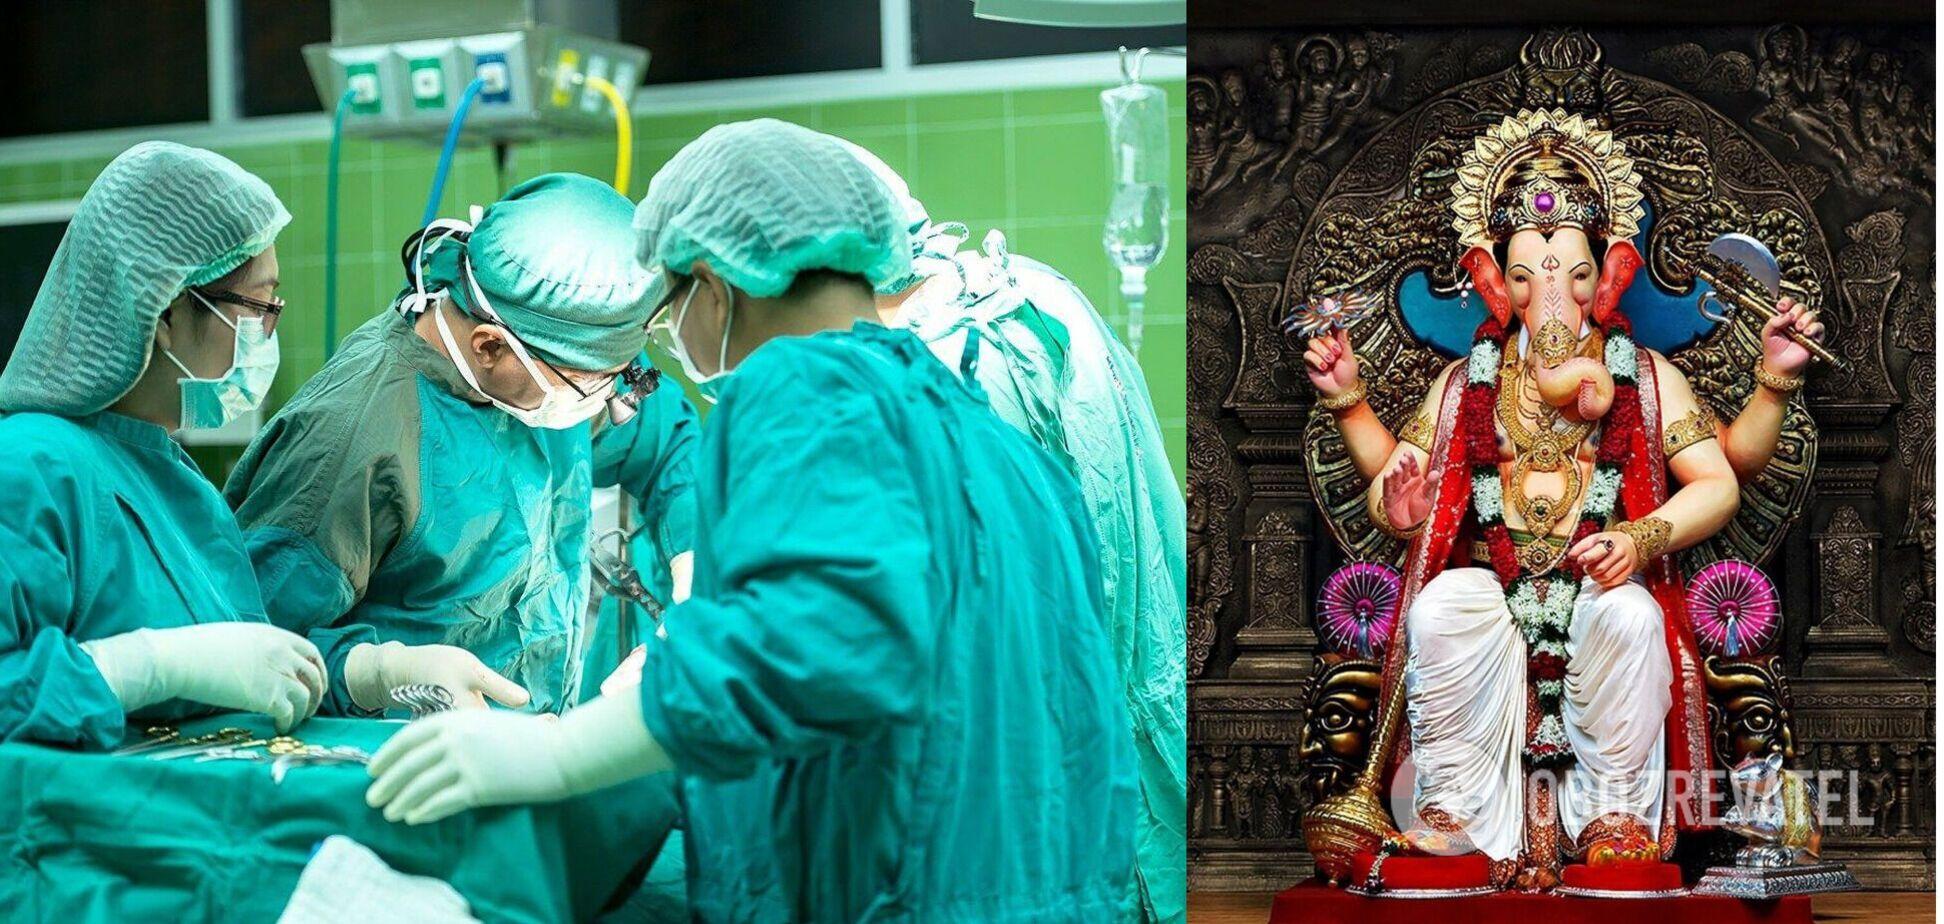 В Индии прооперировали девочку, родившуюся с хоботом: ее сравнили с божеством. Фото 18+